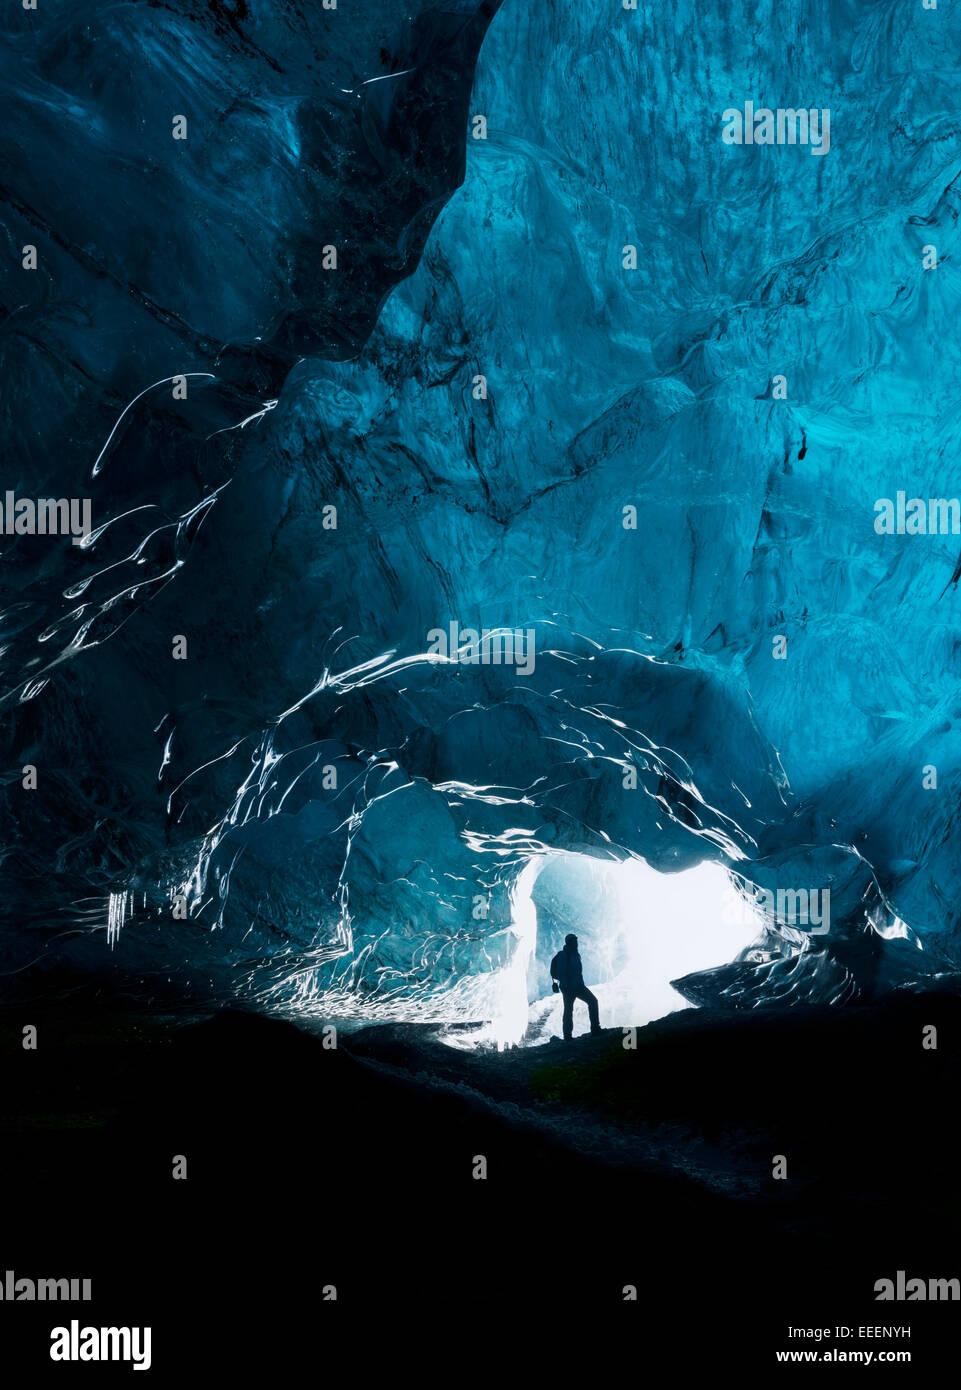 Hombre explorando una impresionante cueva glacial en Islandia Imagen De Stock